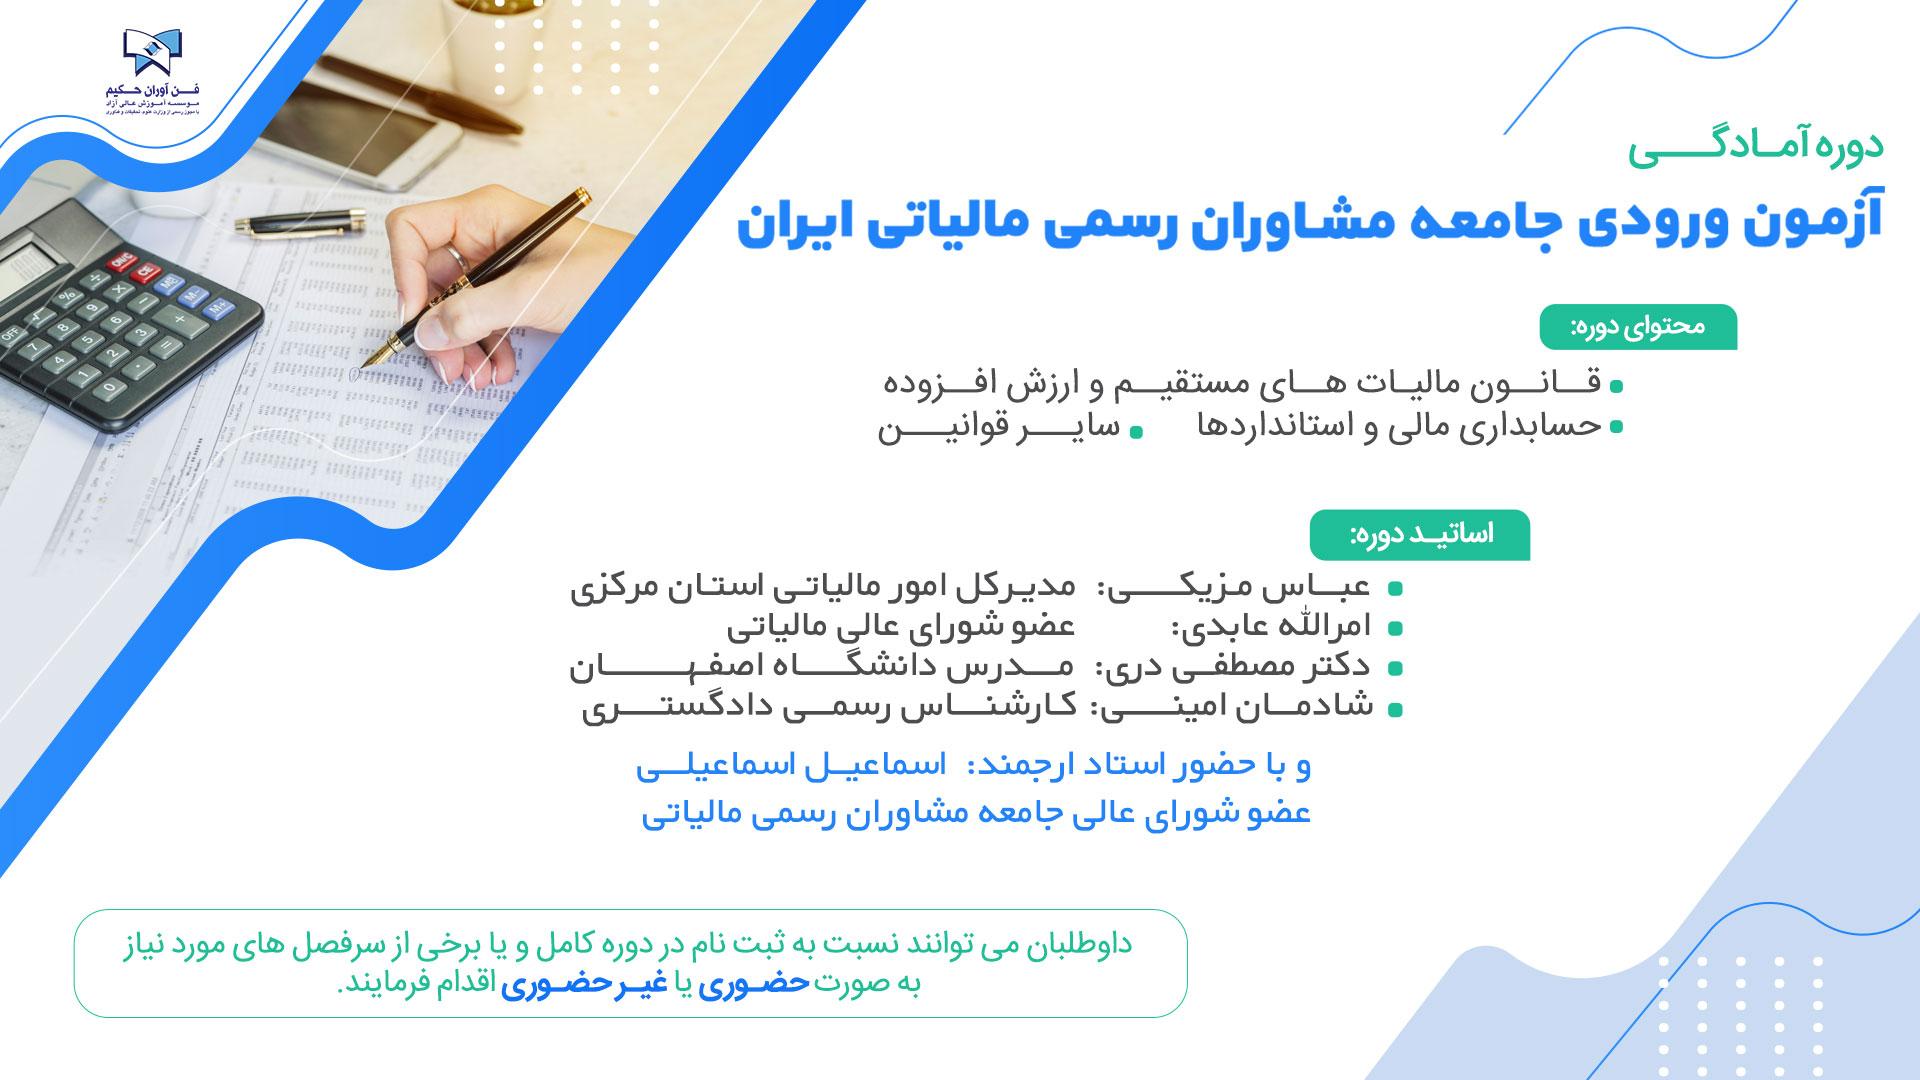 آزمون ورودی جامعه مشاوران رسمی مالیاتی ایران (دوره آموزشی) - دپارتمان حسابداری